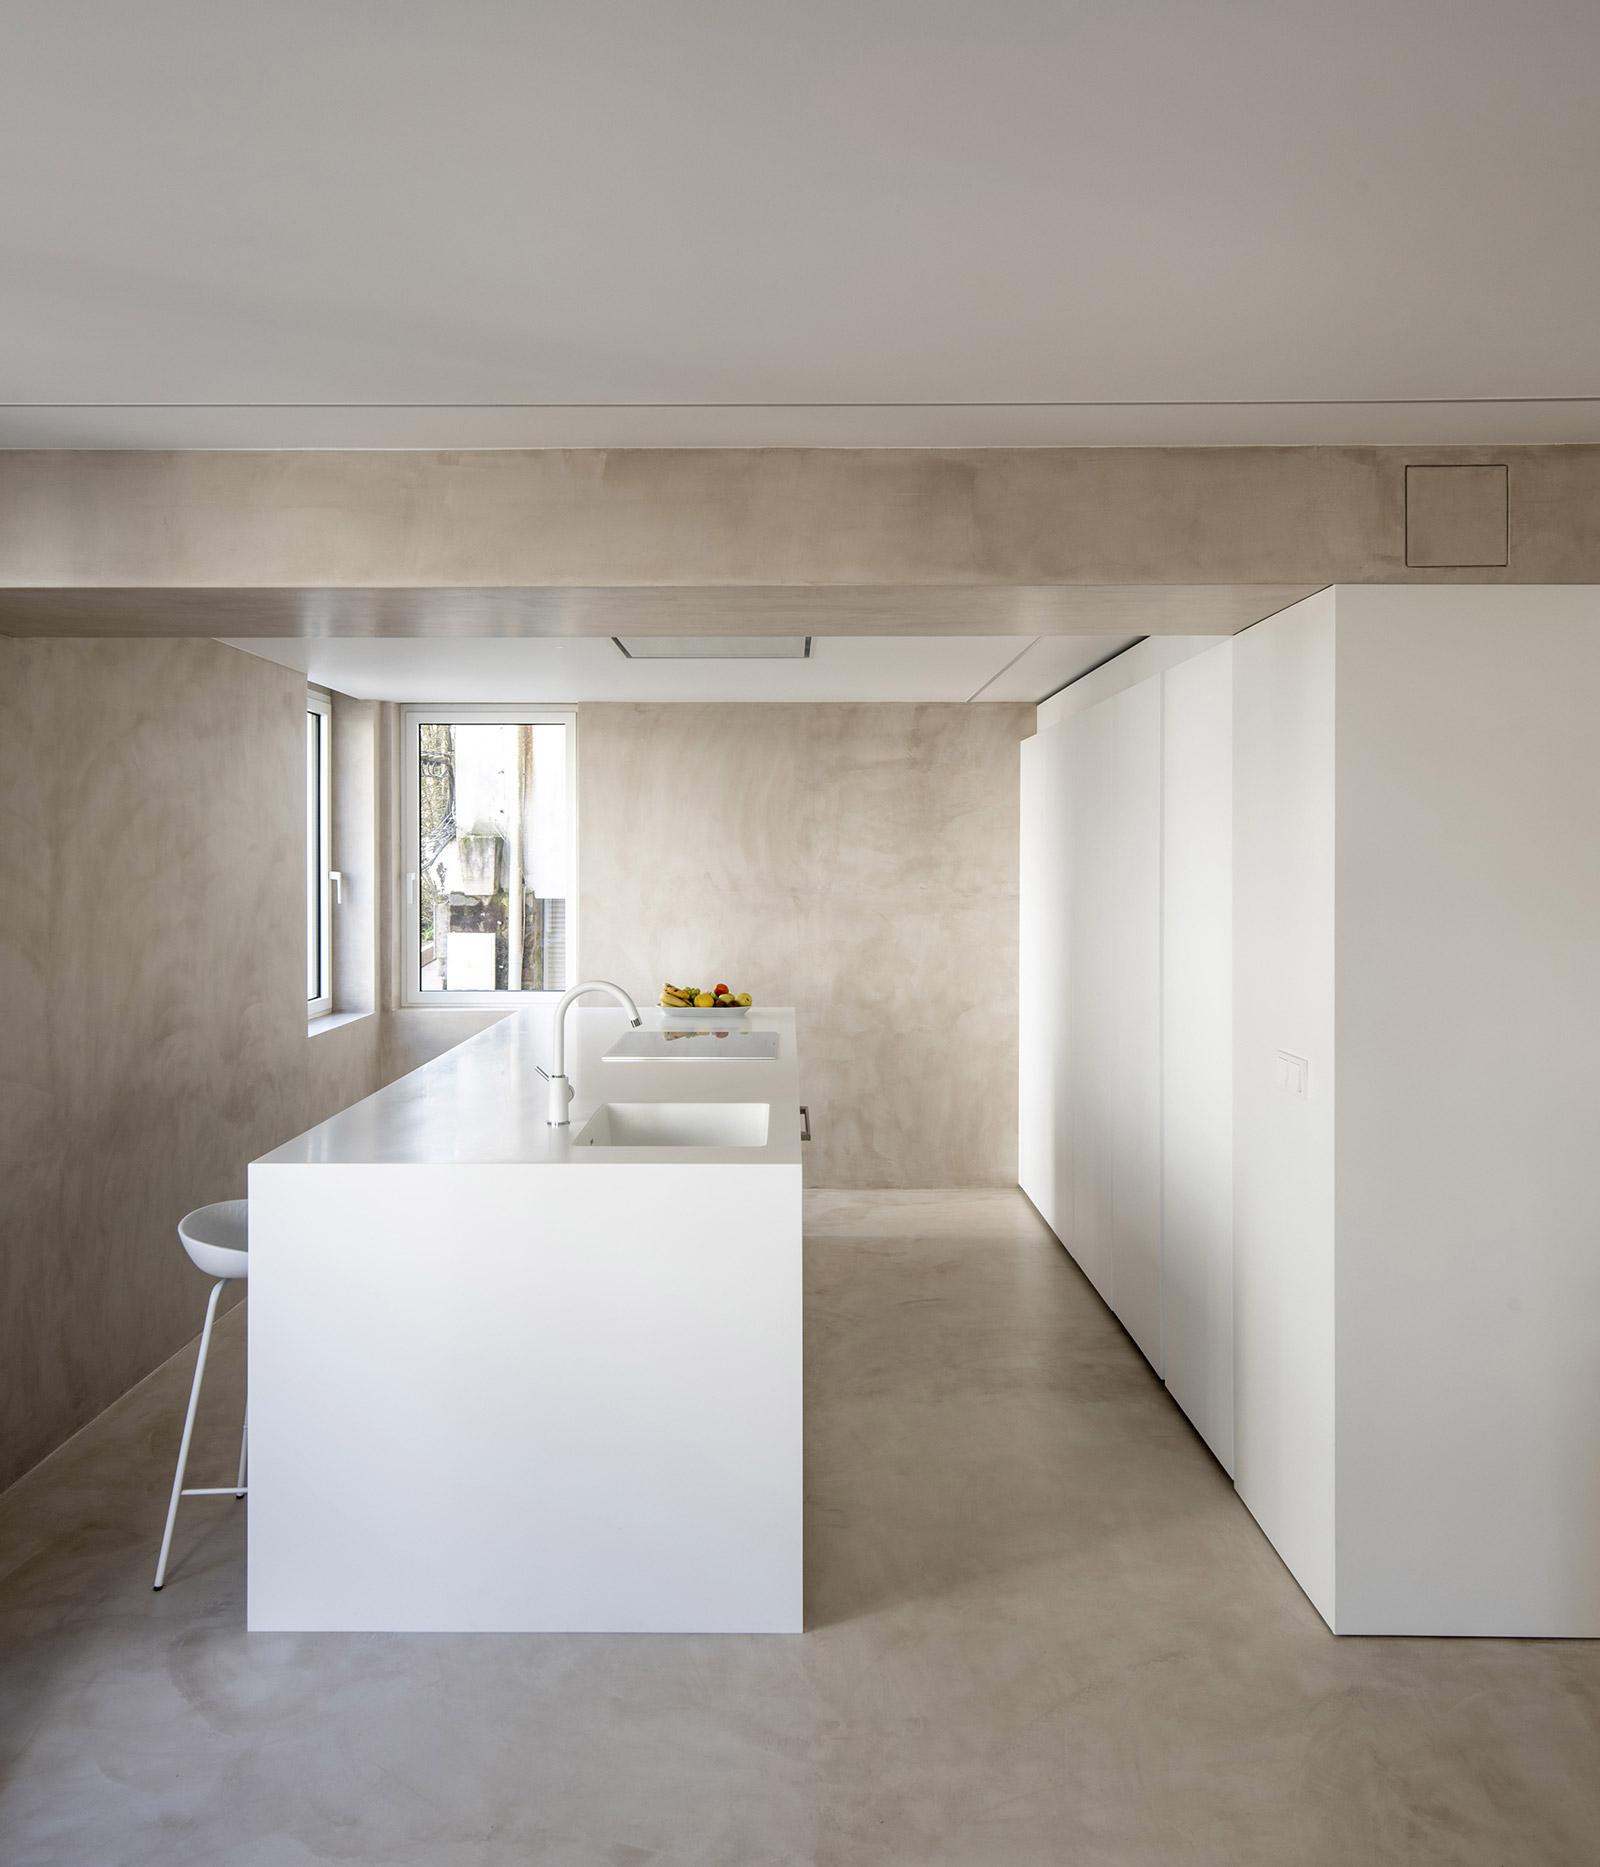 Cocina blanca con isla. Visión lateral. Santiago Interiores